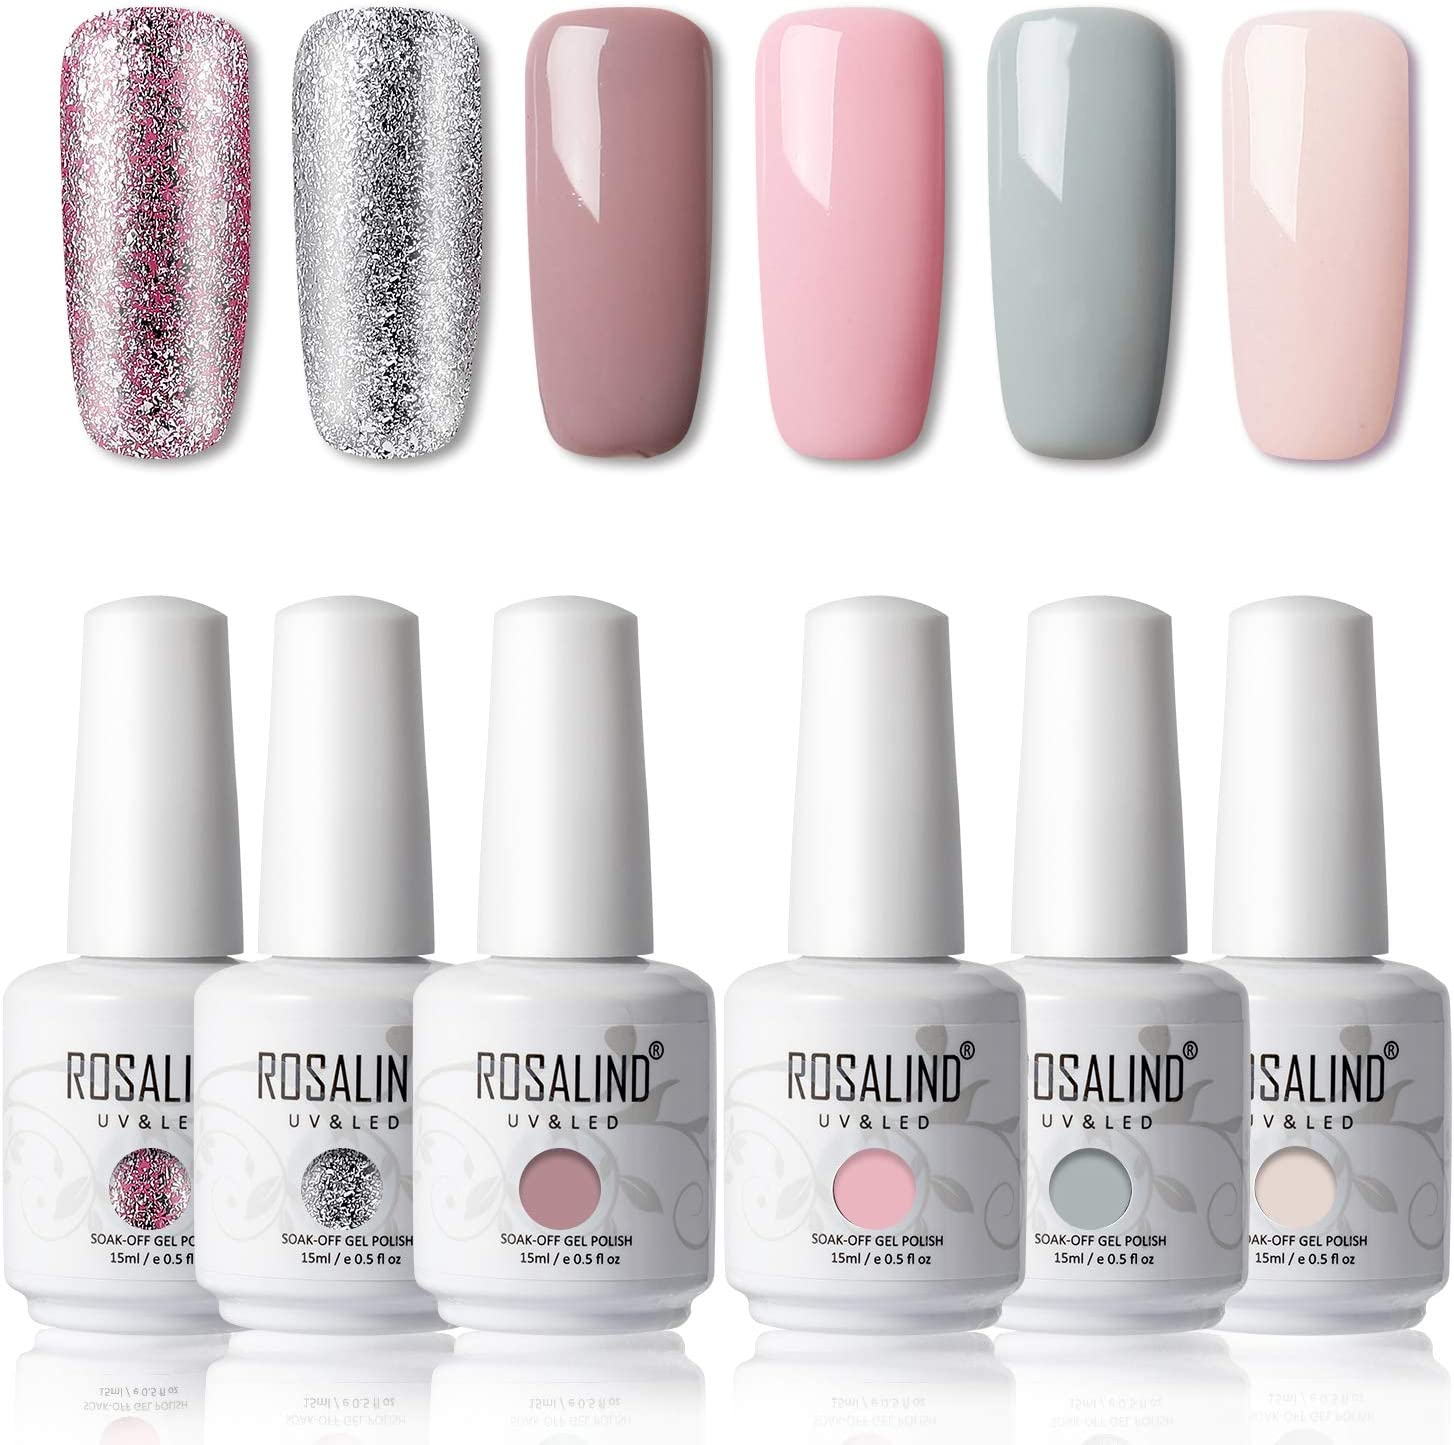 ROSALIND 15ml Esmaltes Semipermanentes de Uñas en Gel UV LED, Nude Pink Series 6 Colors Diseño de uñas Gift Box